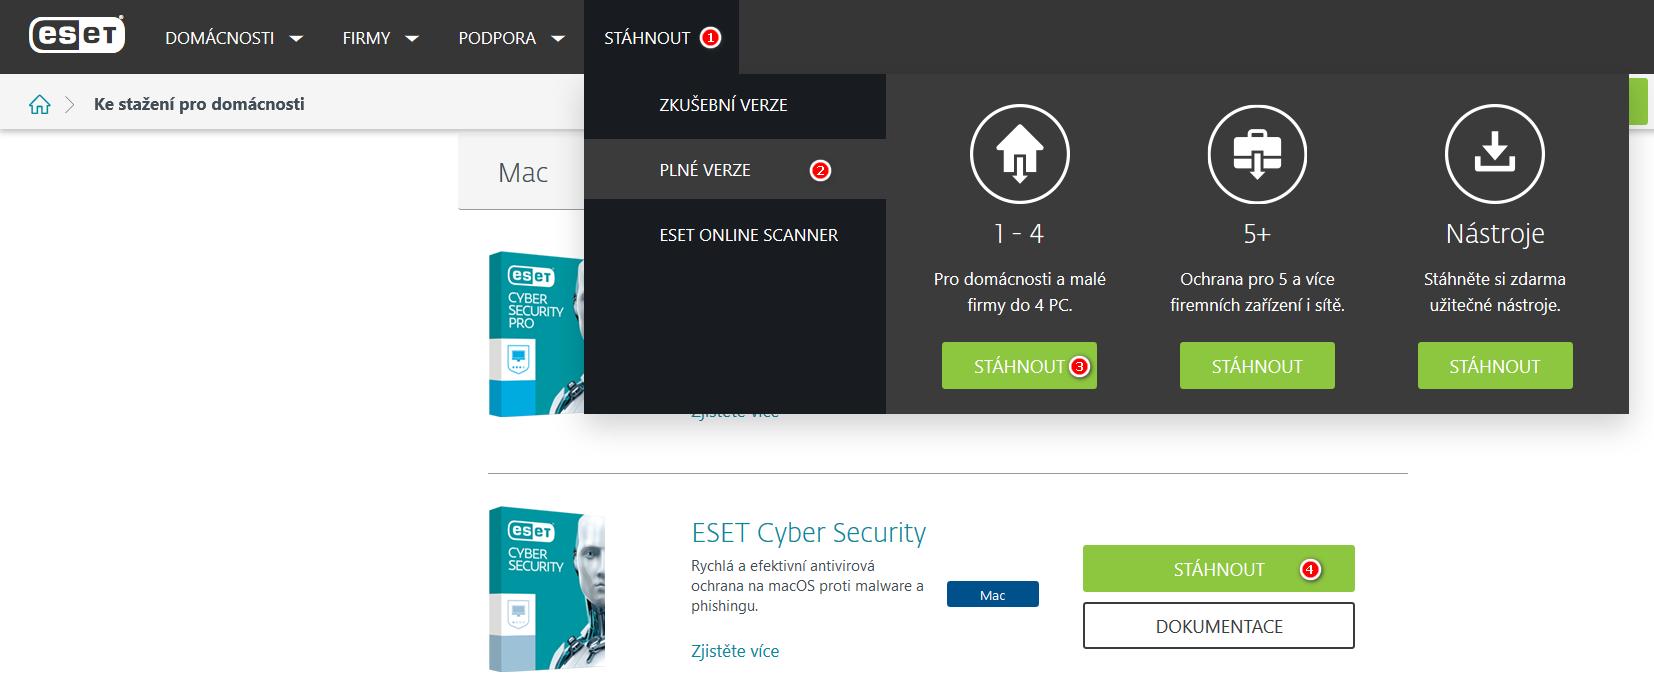 Jak stáhnout produkt ESET